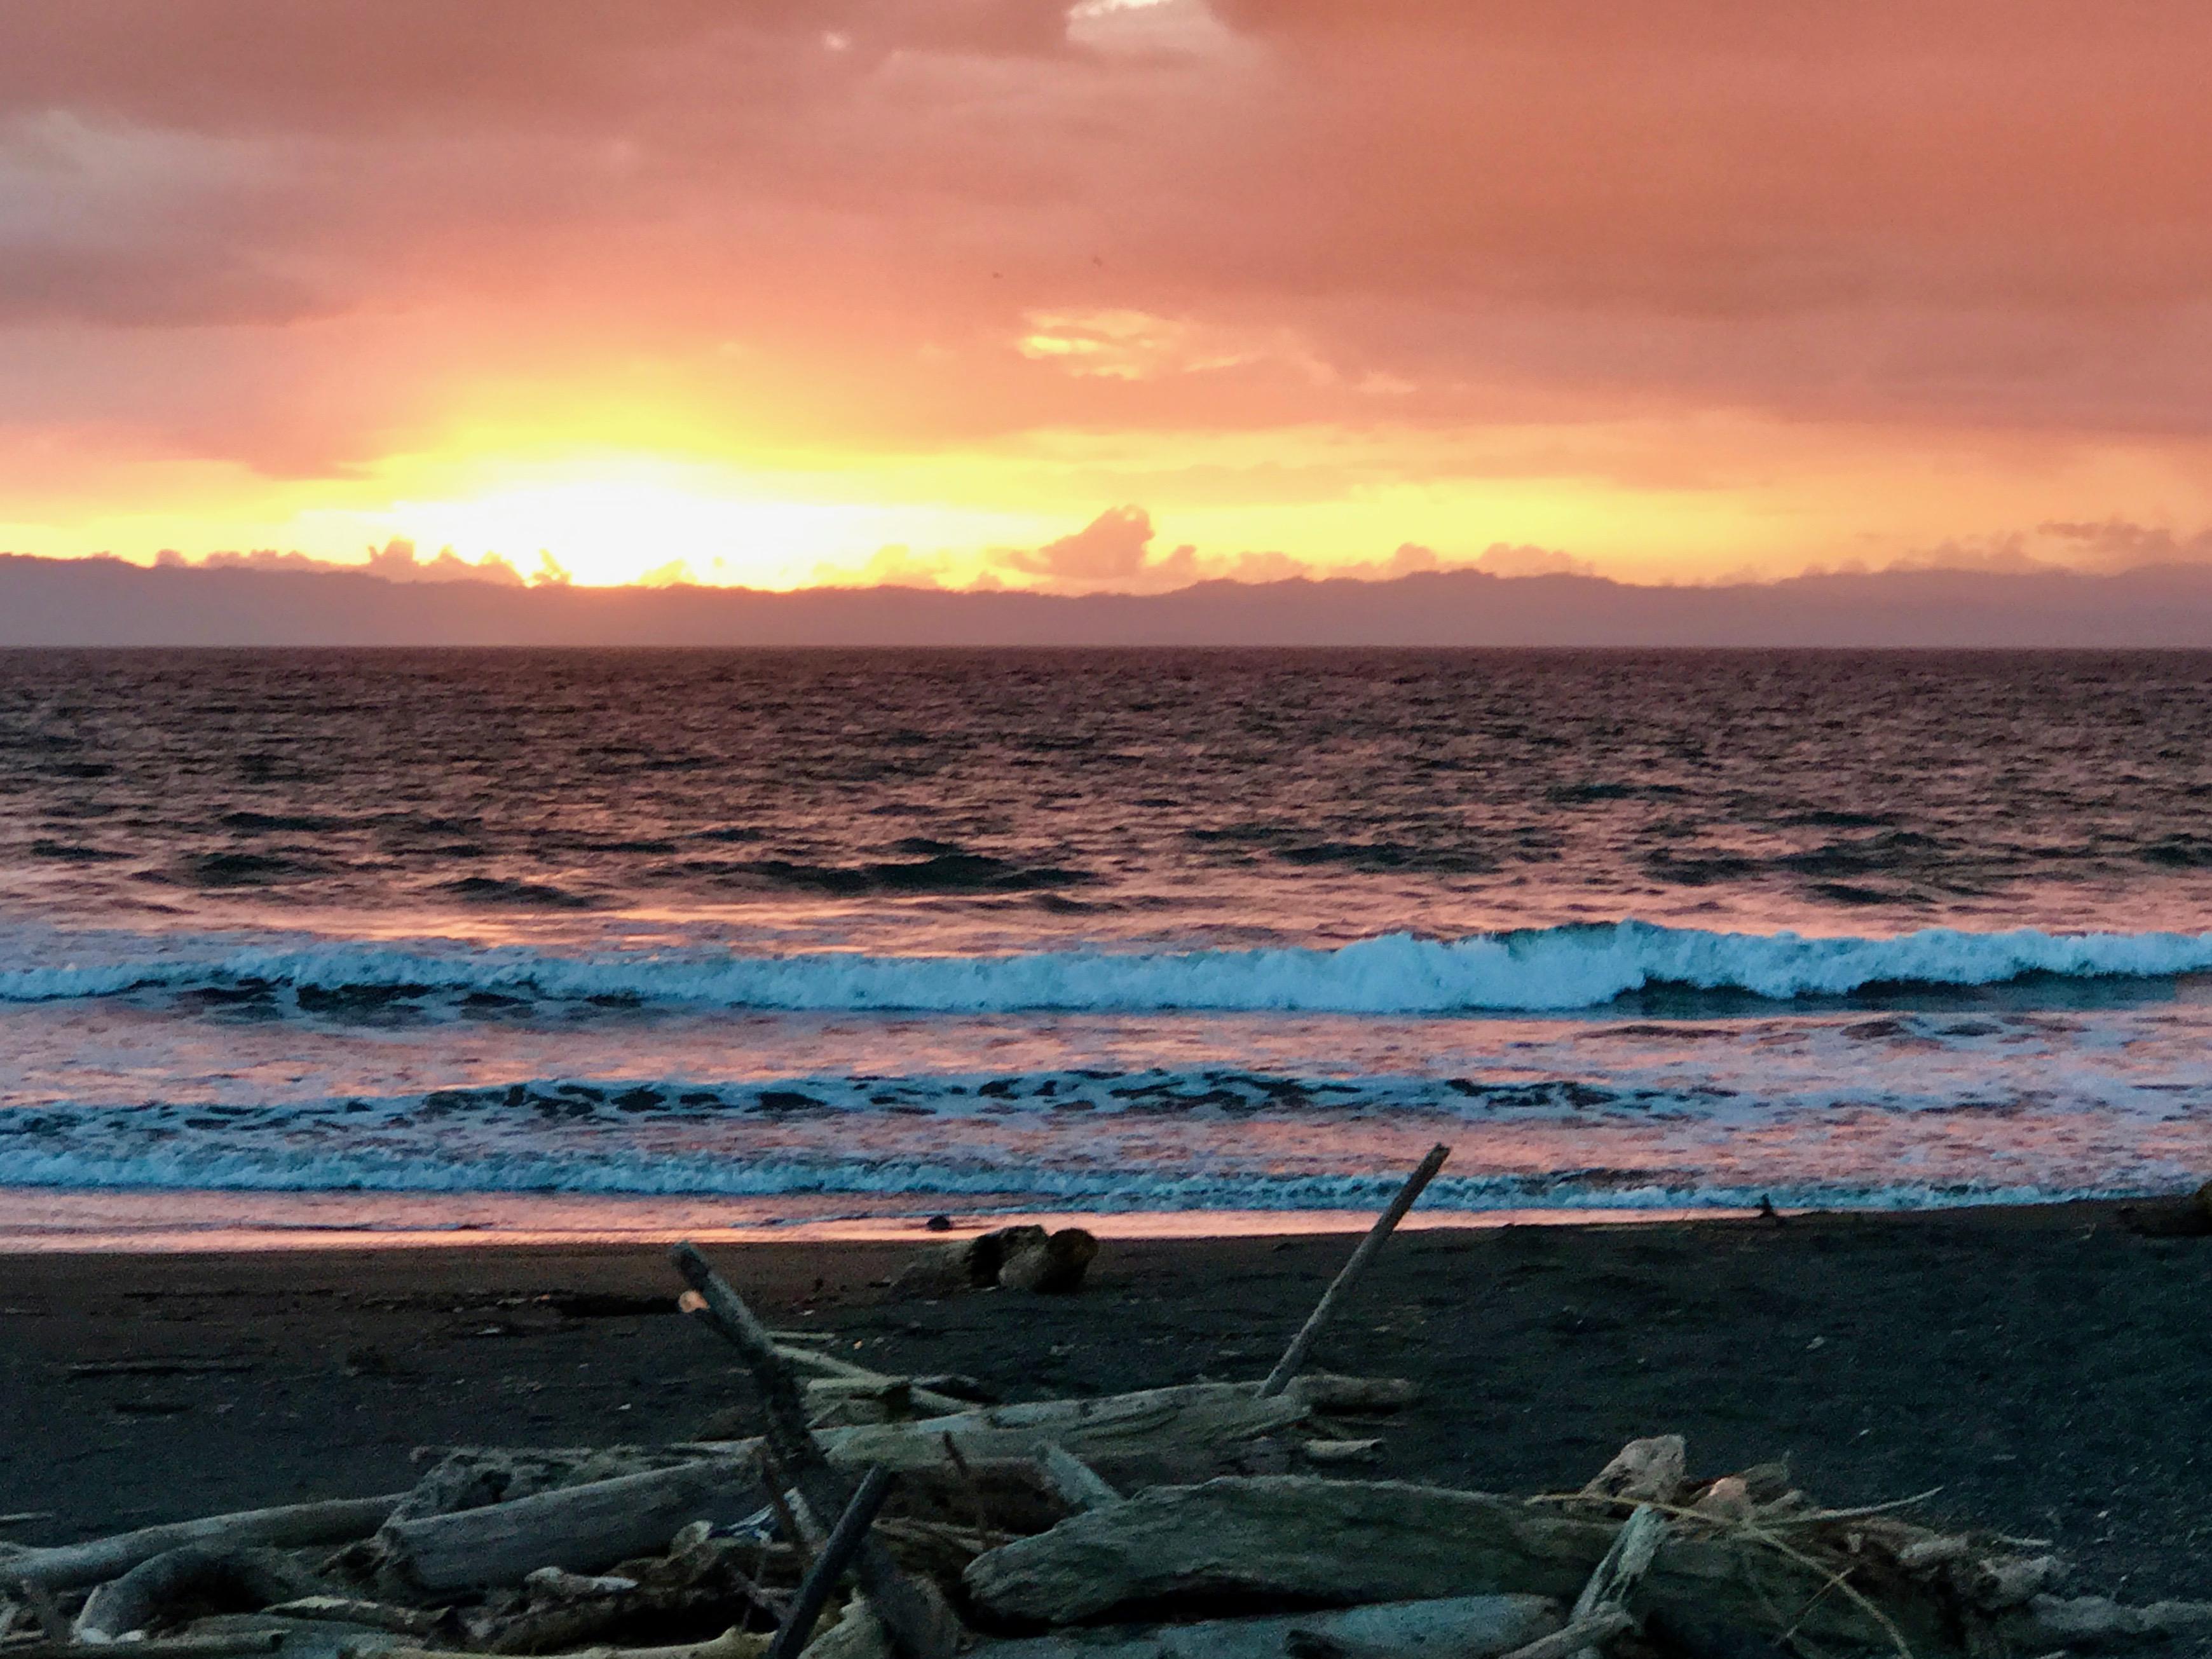 Sunset - Playa Zancudo